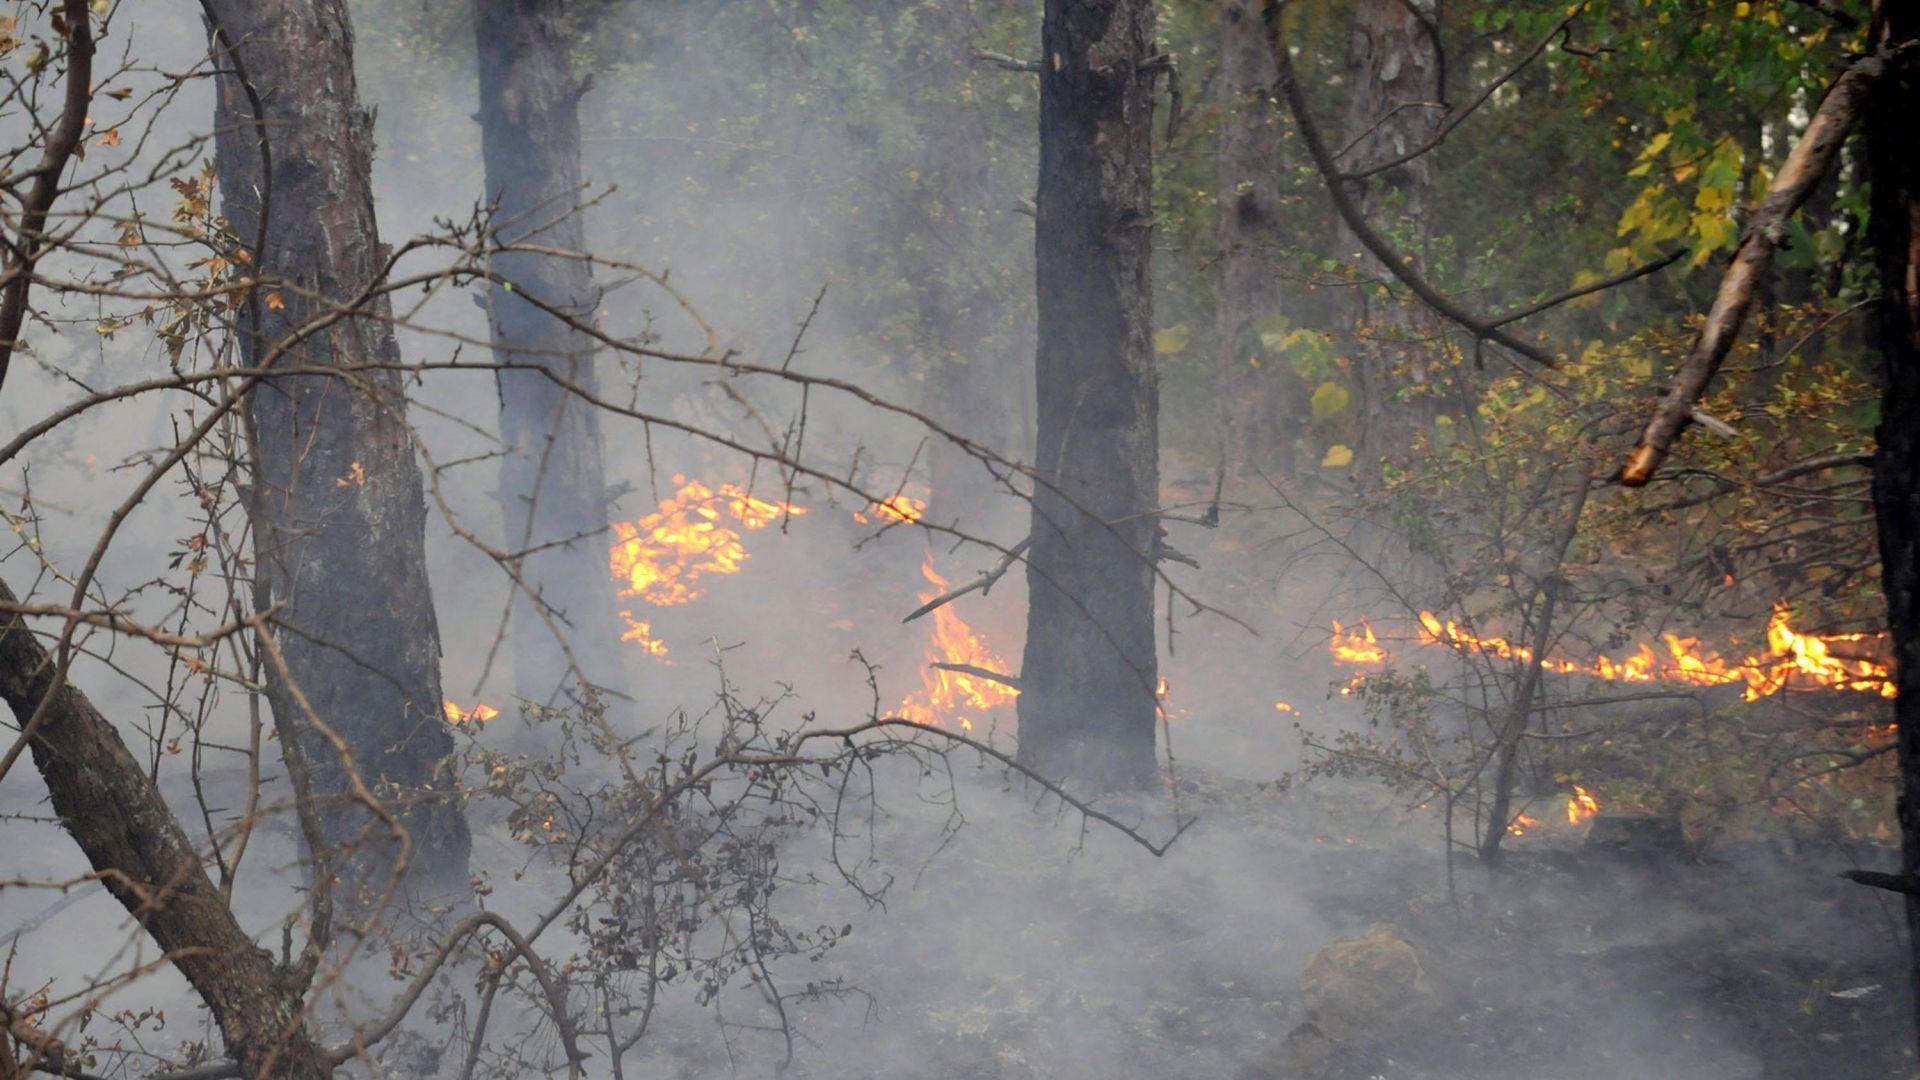 Големият пожар над Карлово се е разраснал заради силен вятър